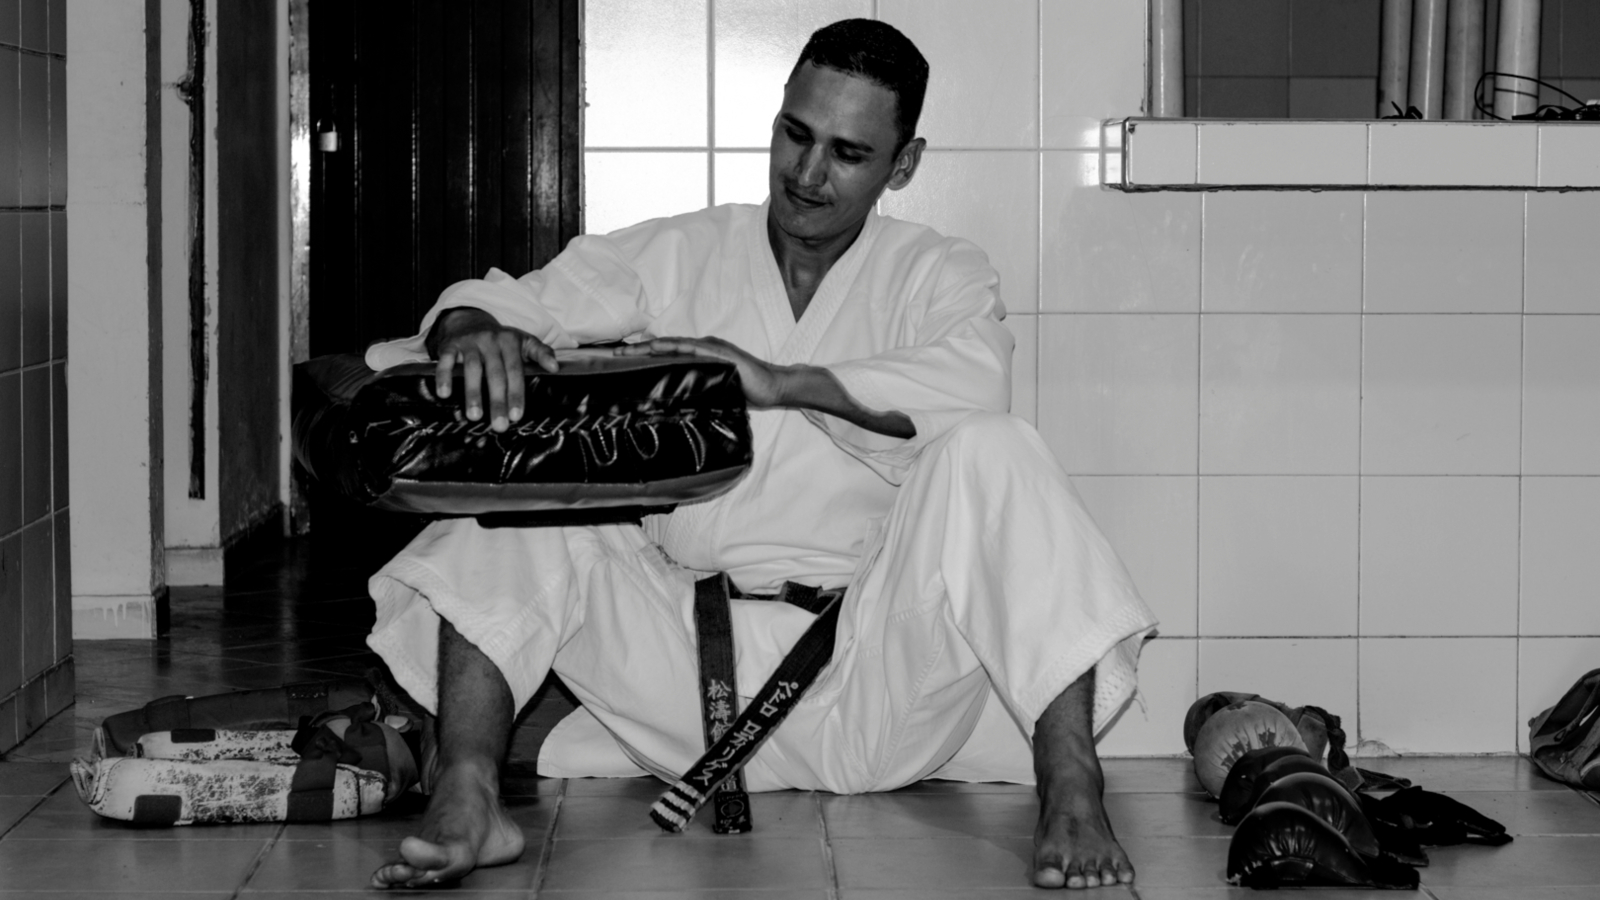 Los golpes de Pedro, un venezolano que enseña karate en Bucaramanga